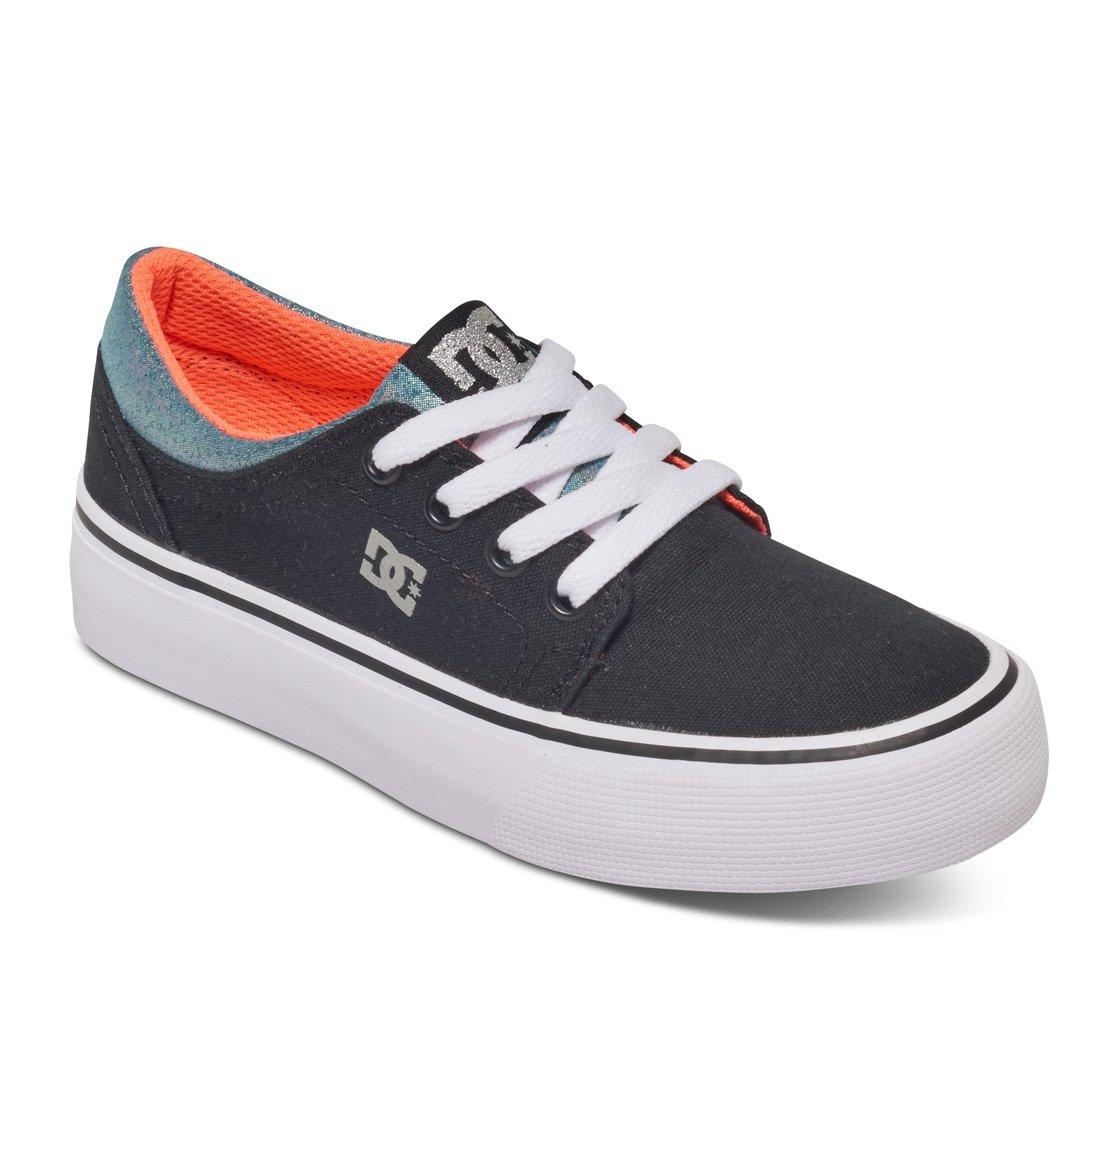 Dc Shoes Trase Le